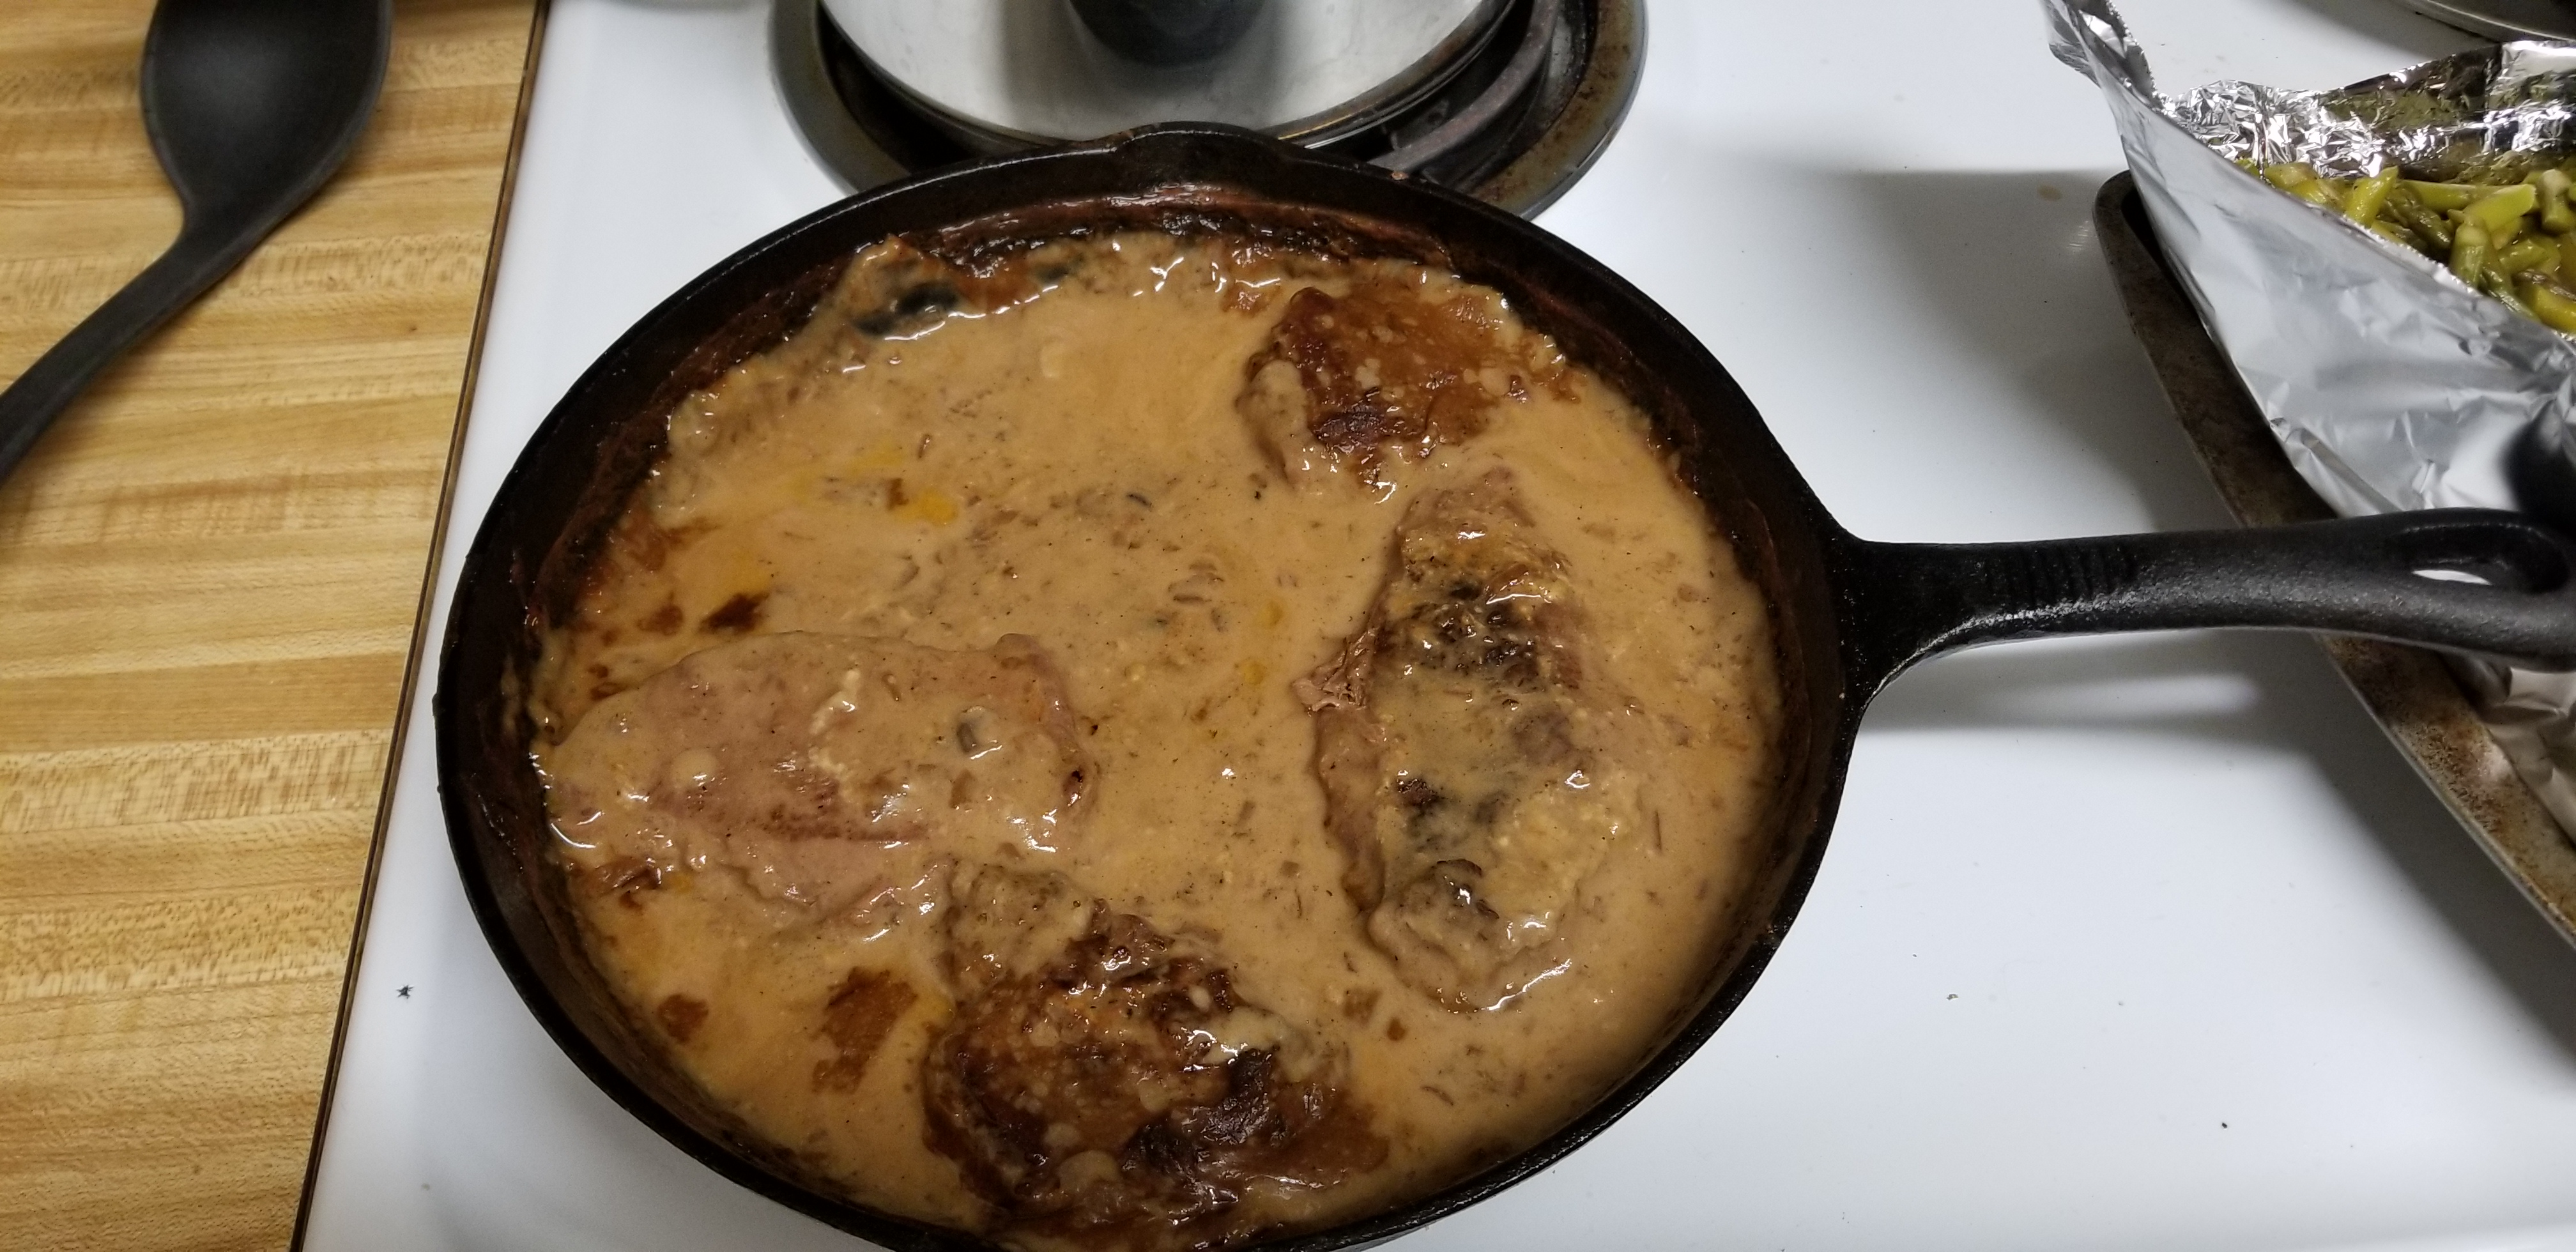 Round Steak and Gravy II R. J.